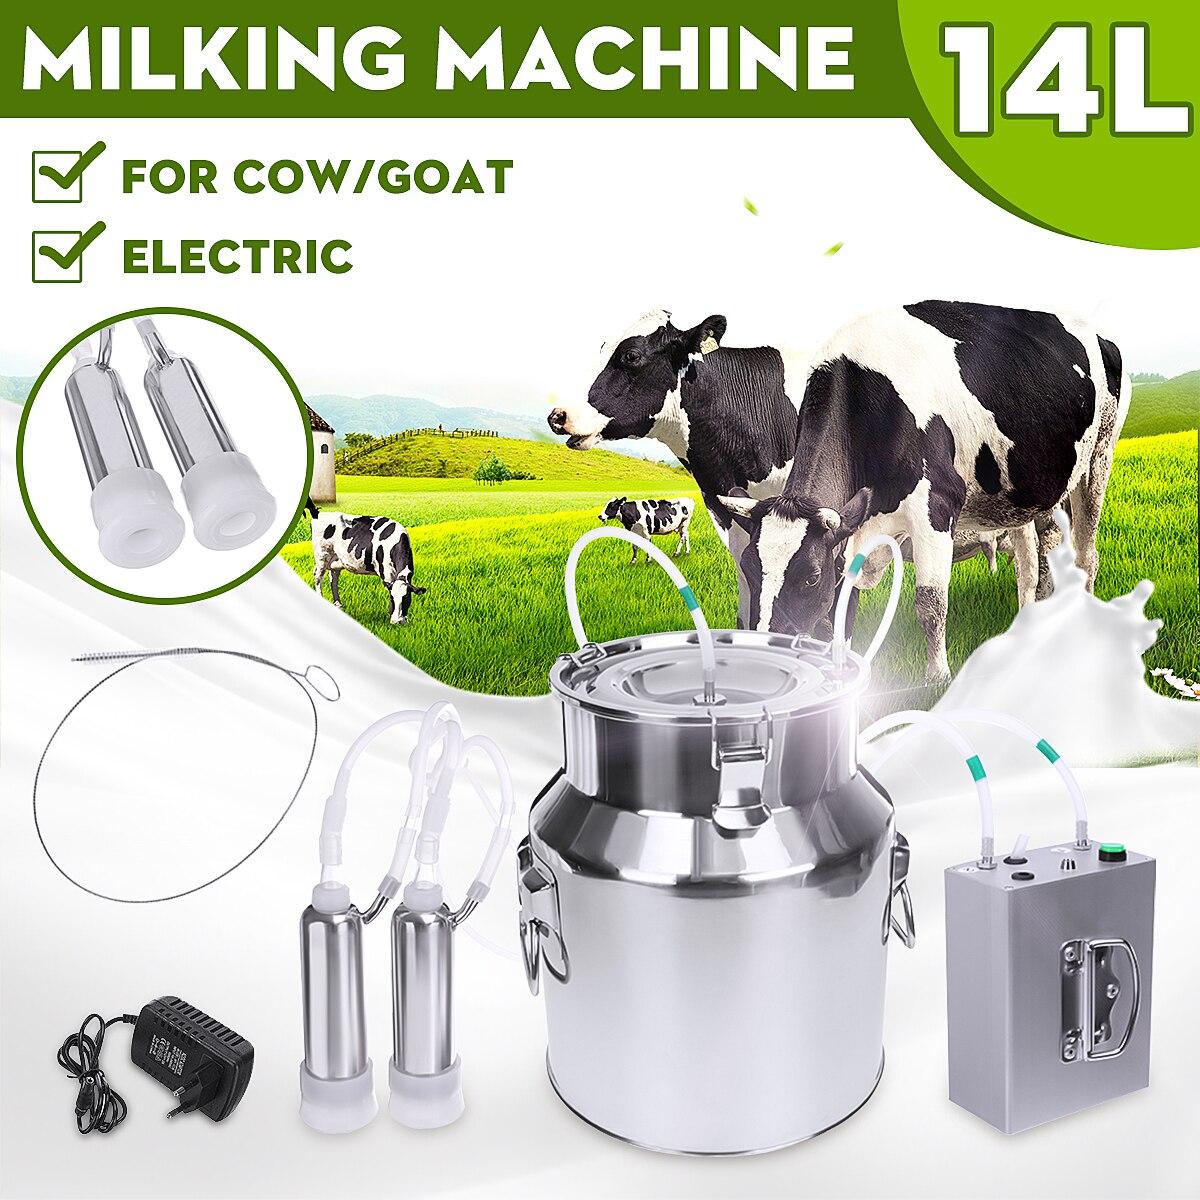 Máquina de Ordenha Silicone com Válvula Vaca Cabra Ovelhas Milker Elétrica Balde Aço Inoxidável Cabeças Duplas Mangueira Restrição 14l